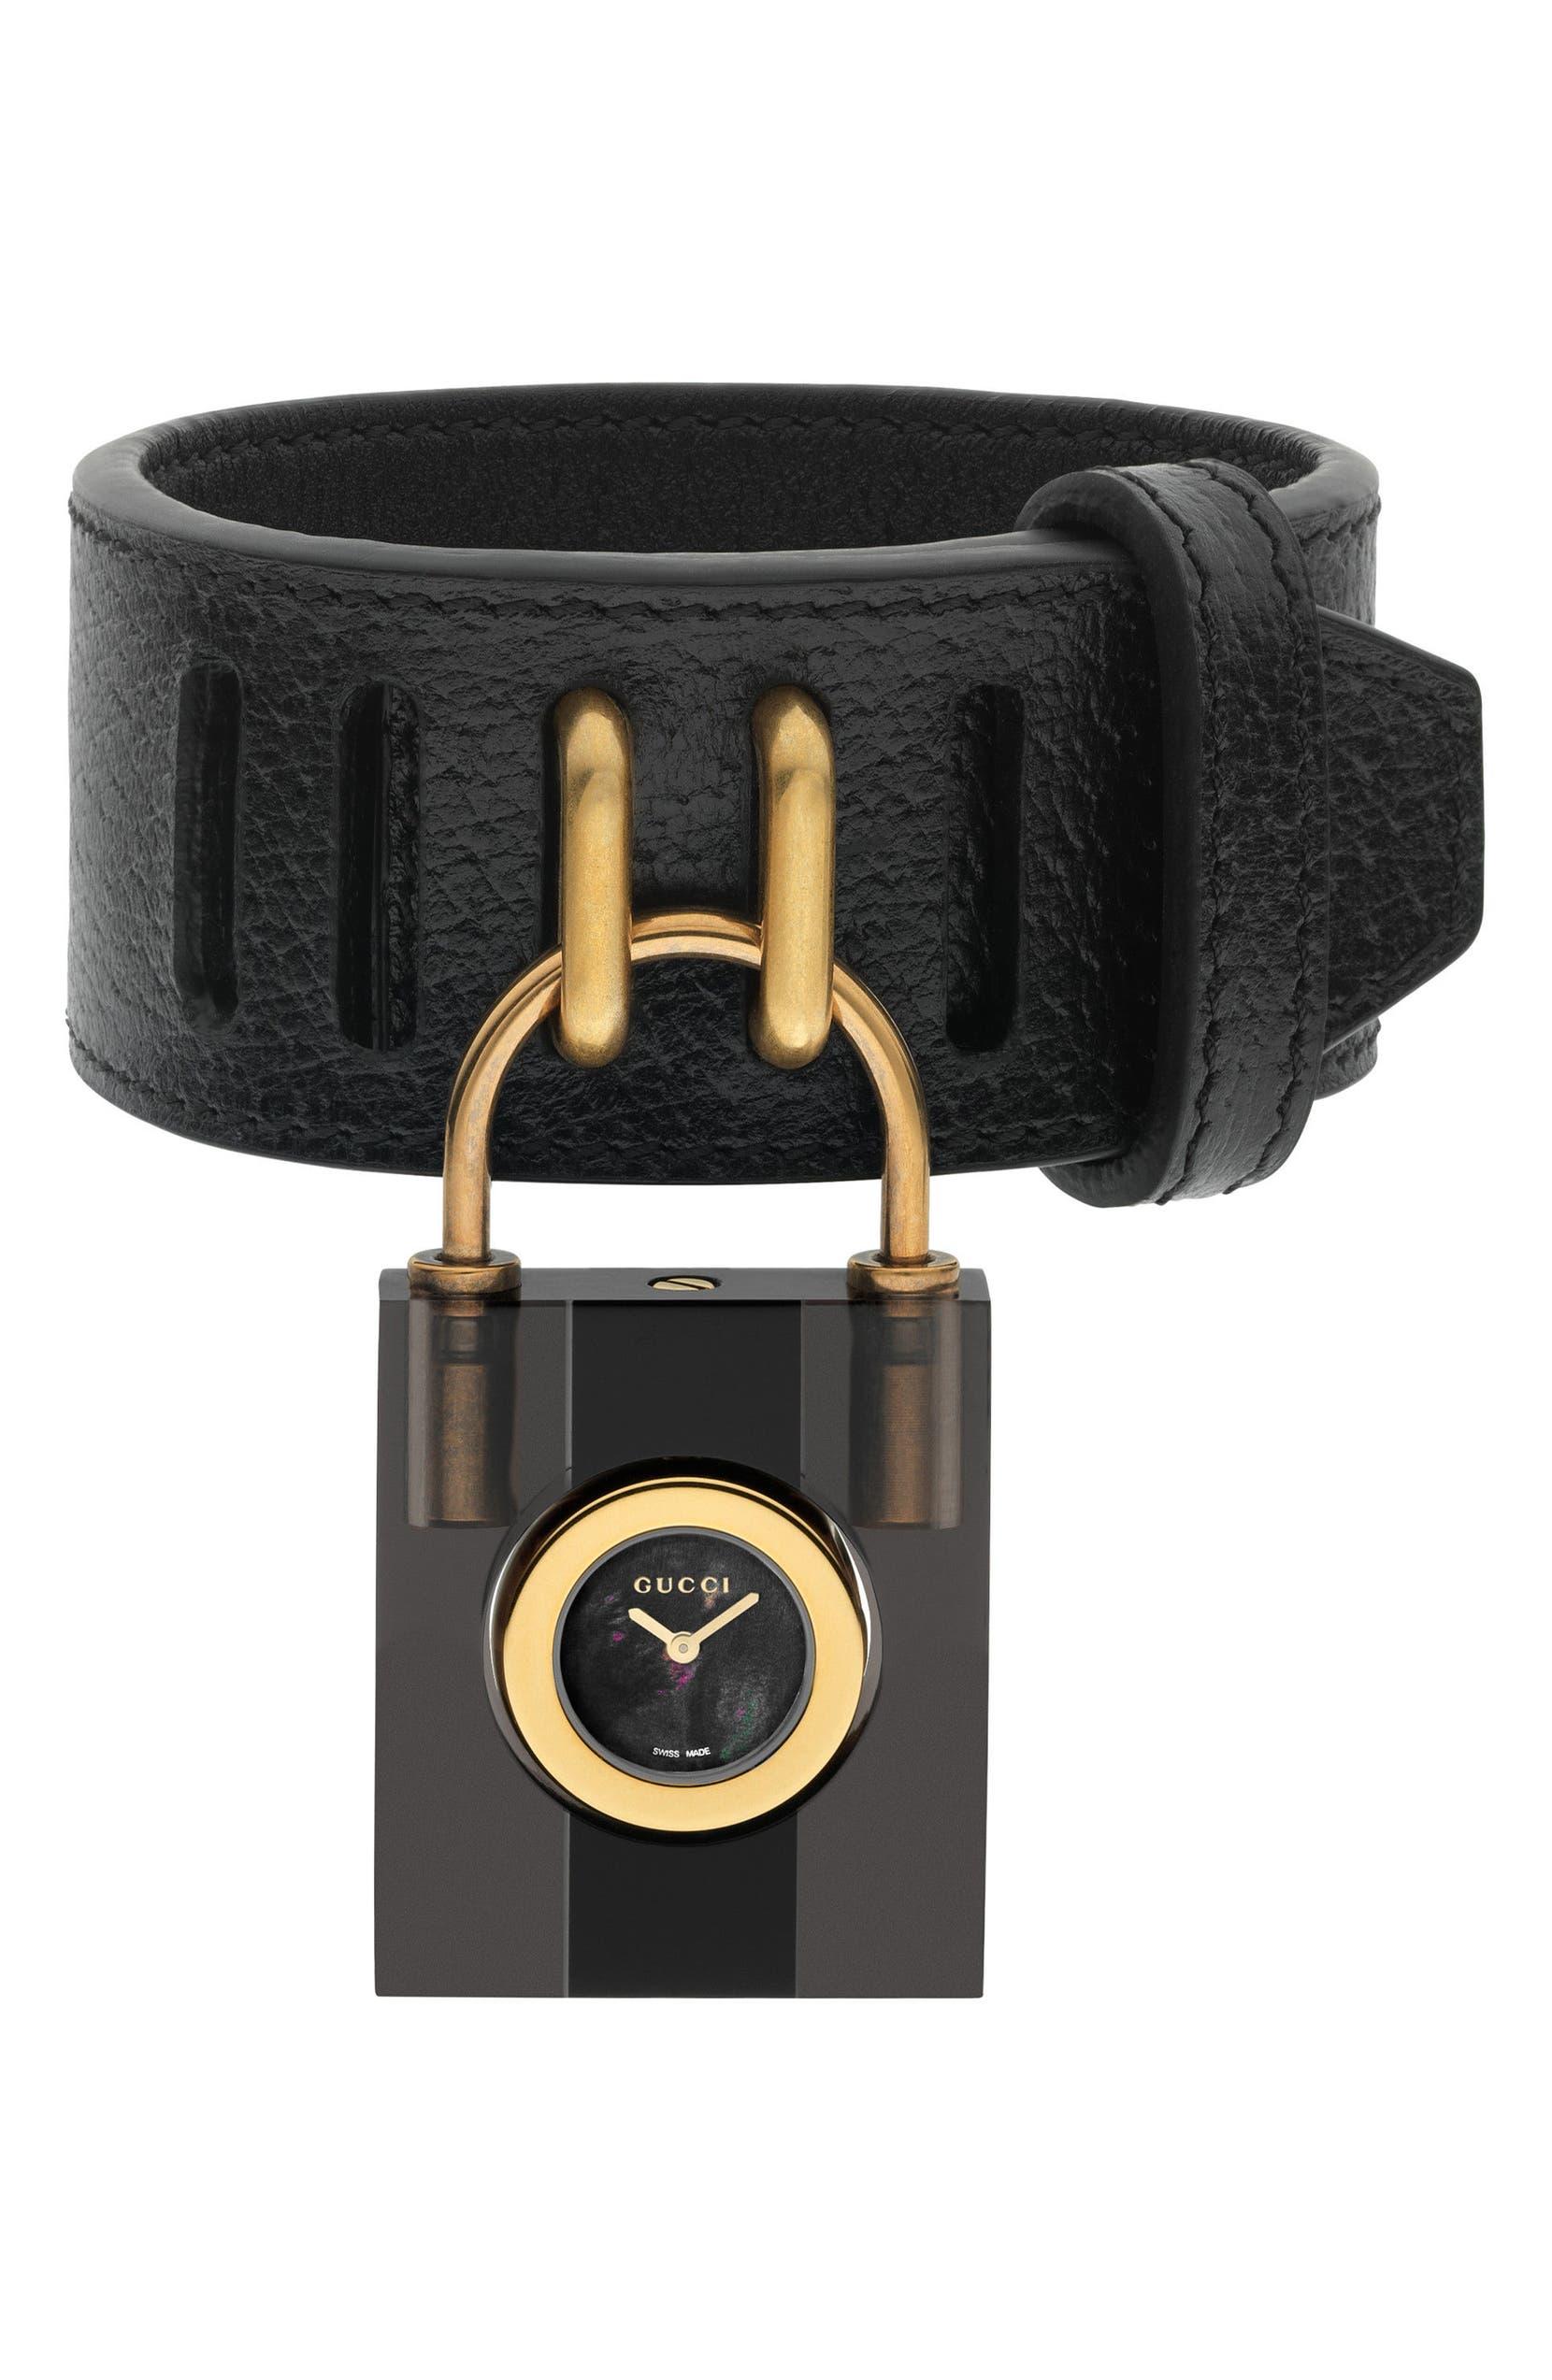 e6b8dfa90c6 Gucci Twirl Small Leather Strap Padlock Watch